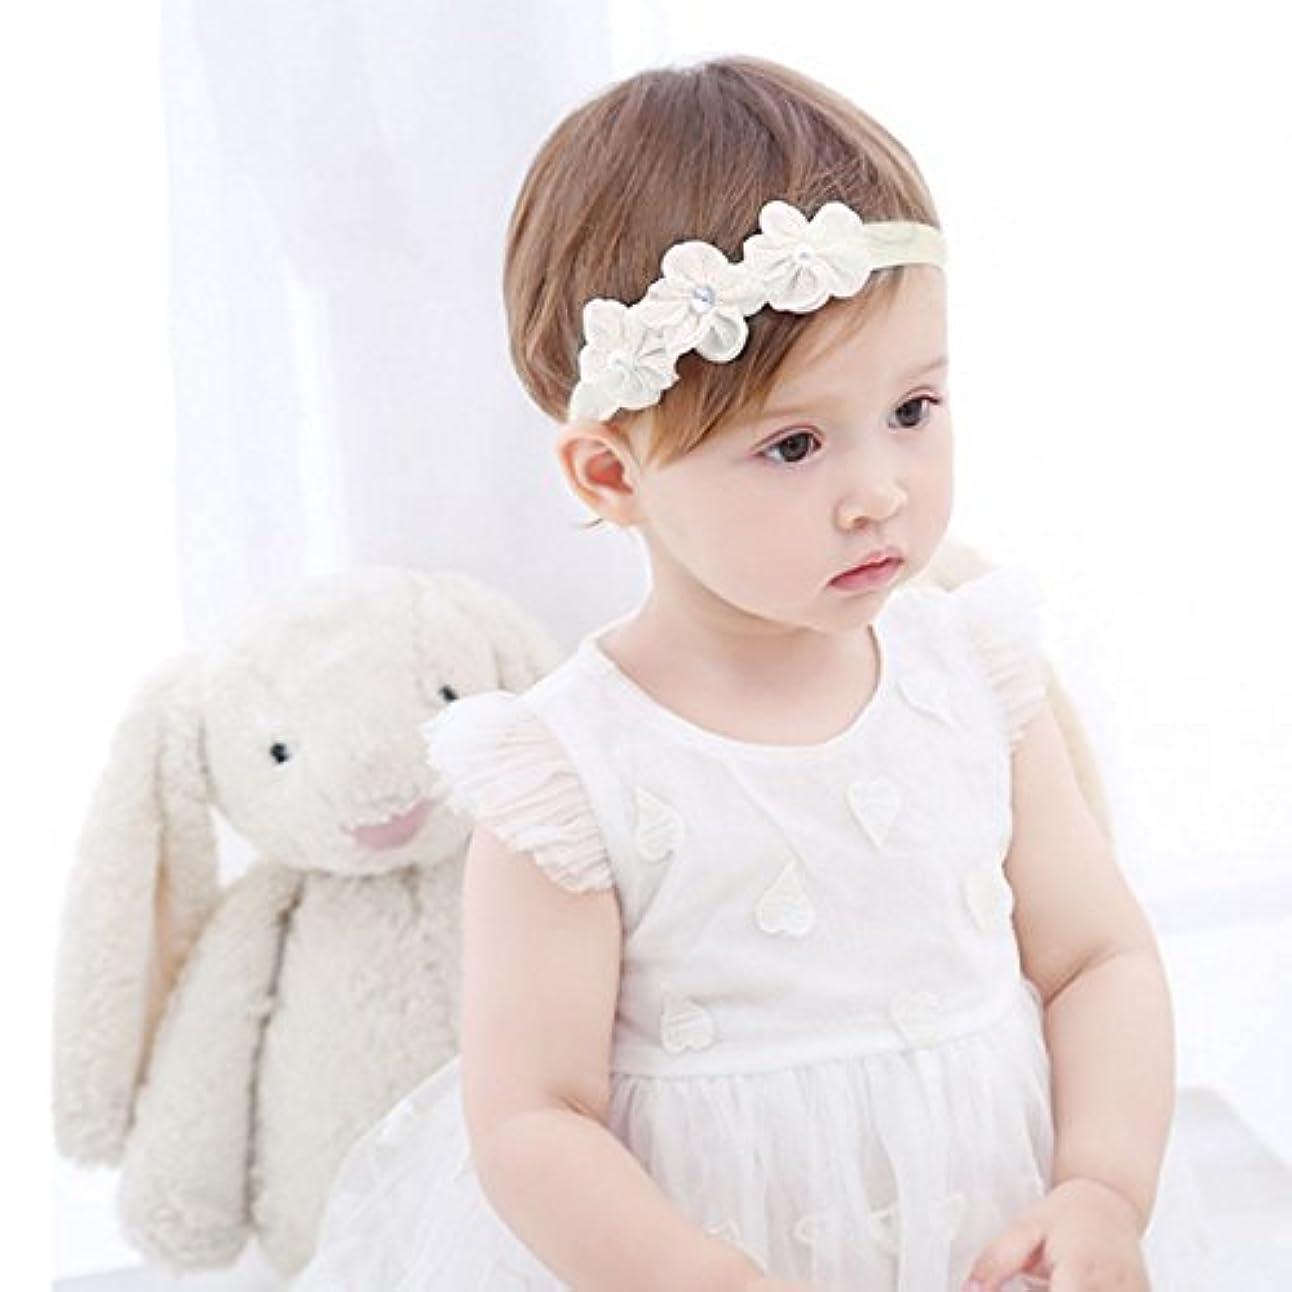 材料シュート類人猿Refaxi 子供の赤ちゃんかわいい幼児のレースの花のヘアバンドヘッドウェアヘッドバンドアクセサリー